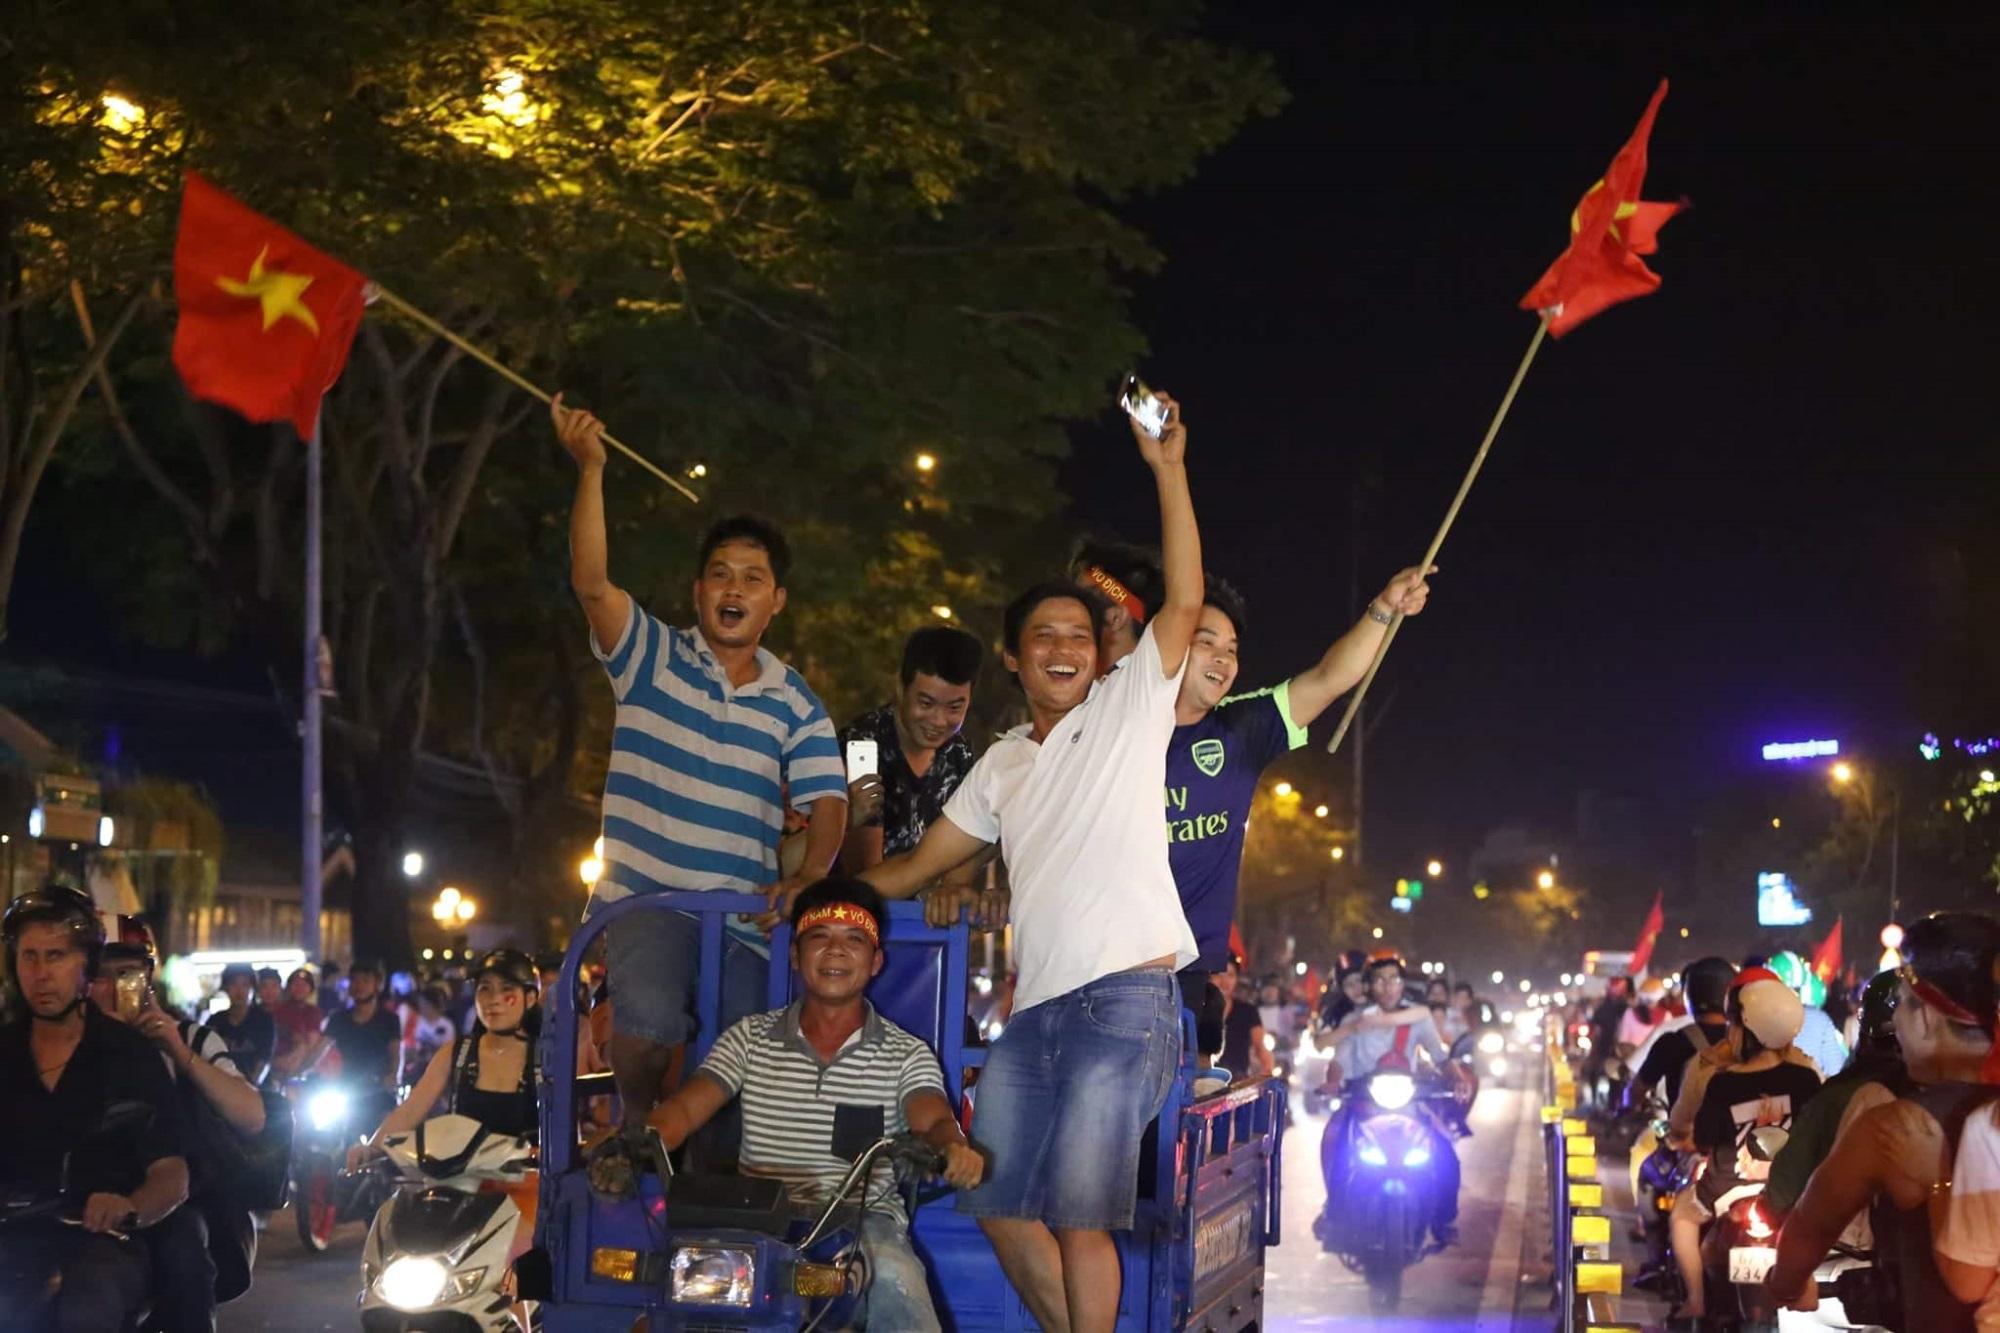 Pháo sáng, cờ hoa rực rỡ Sài Gòn khi triệu người xuống đường ăn mừng Việt Nam vào chung kết AFF Cup 2018 - Ảnh 21